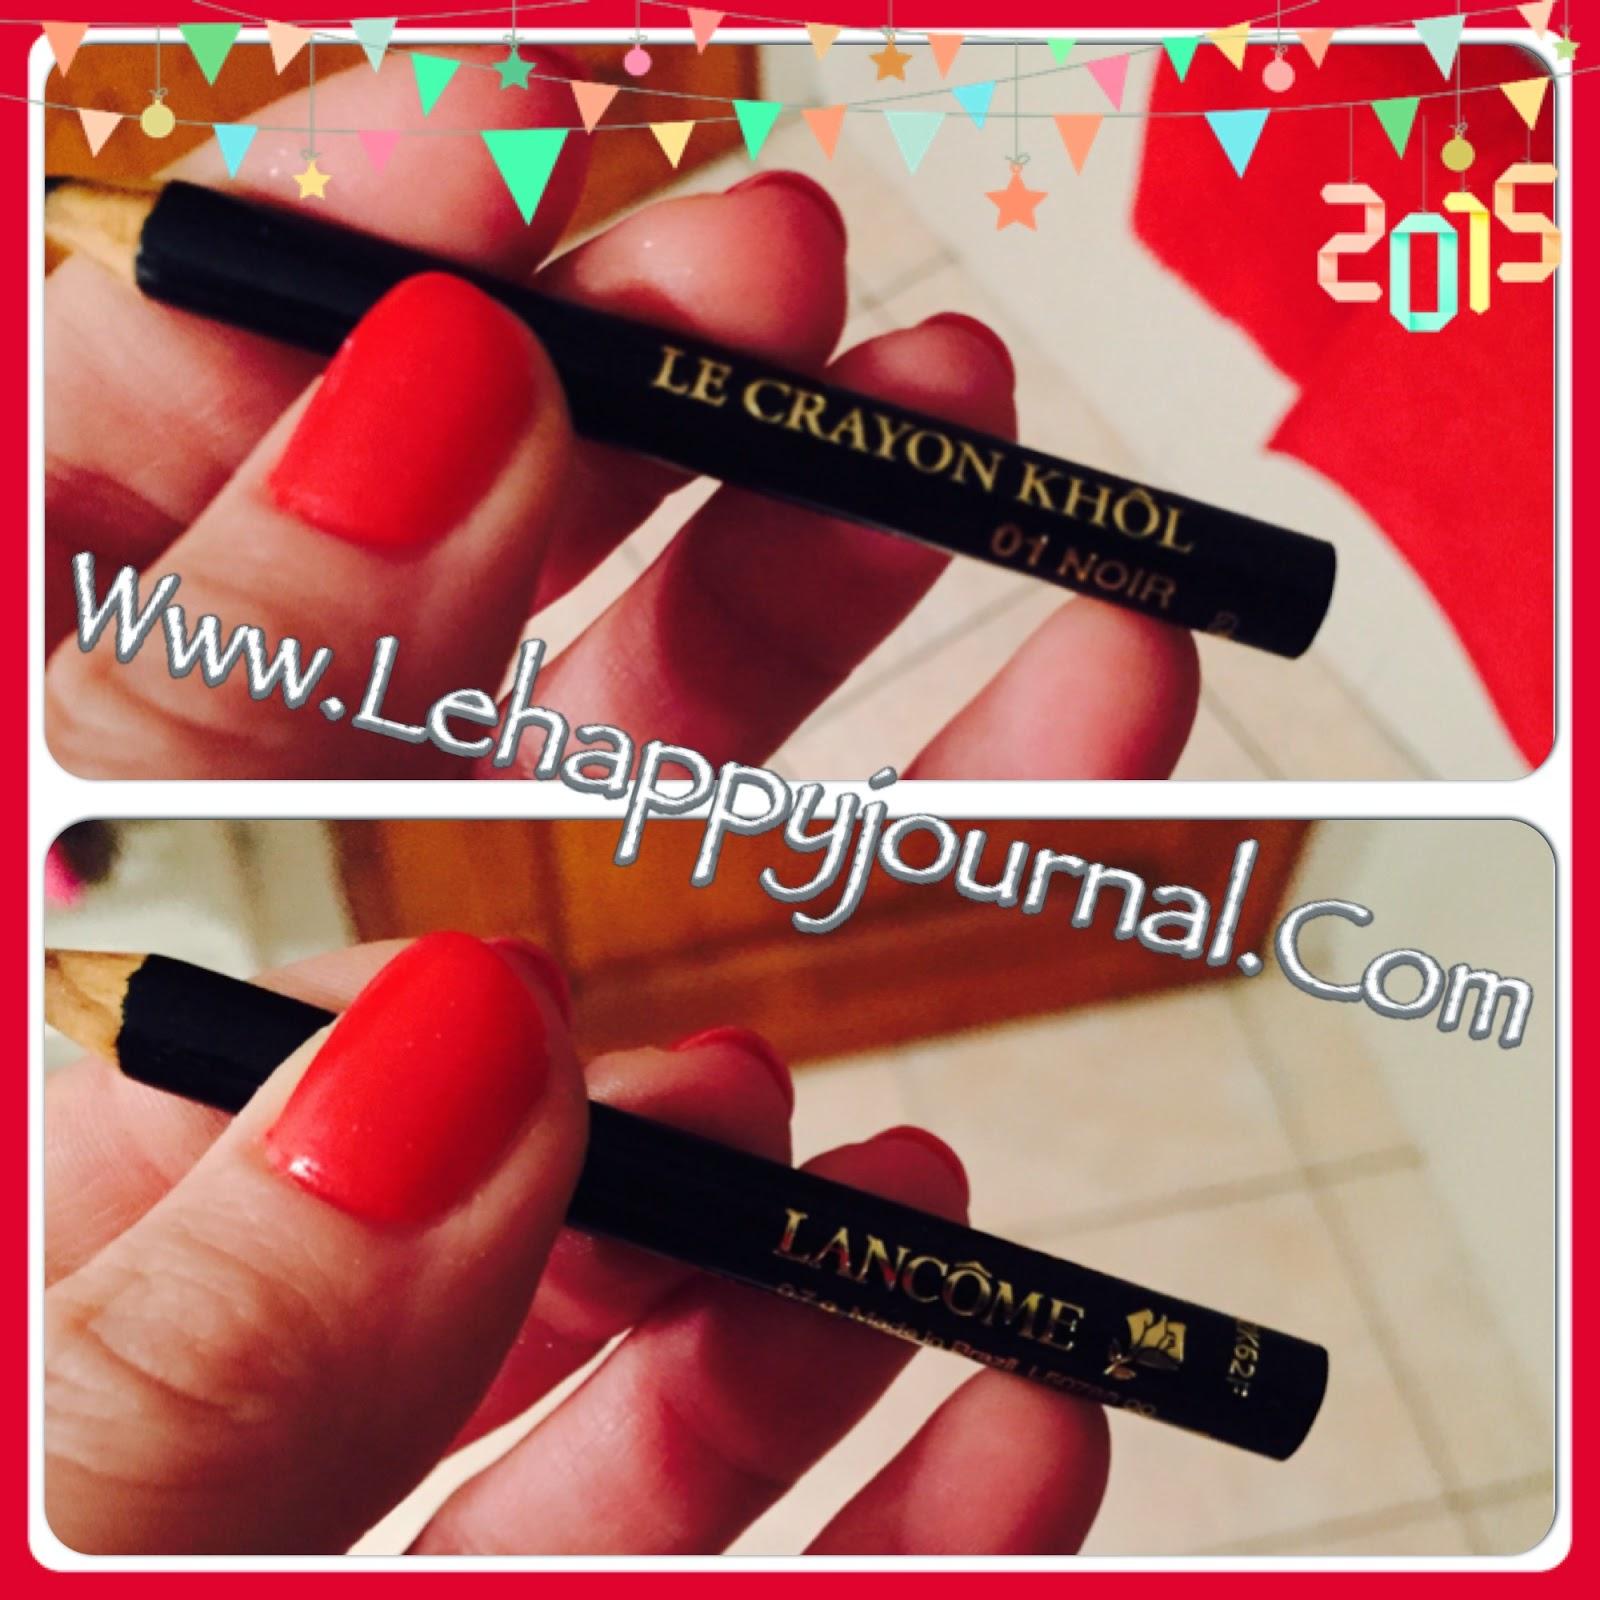 rotation, beauté, produits, semaine 1, revue, blogueuse beauté, opinion, avis, test, happy journal, lancome, lancôme, crayon noir, crayon khol, khôl